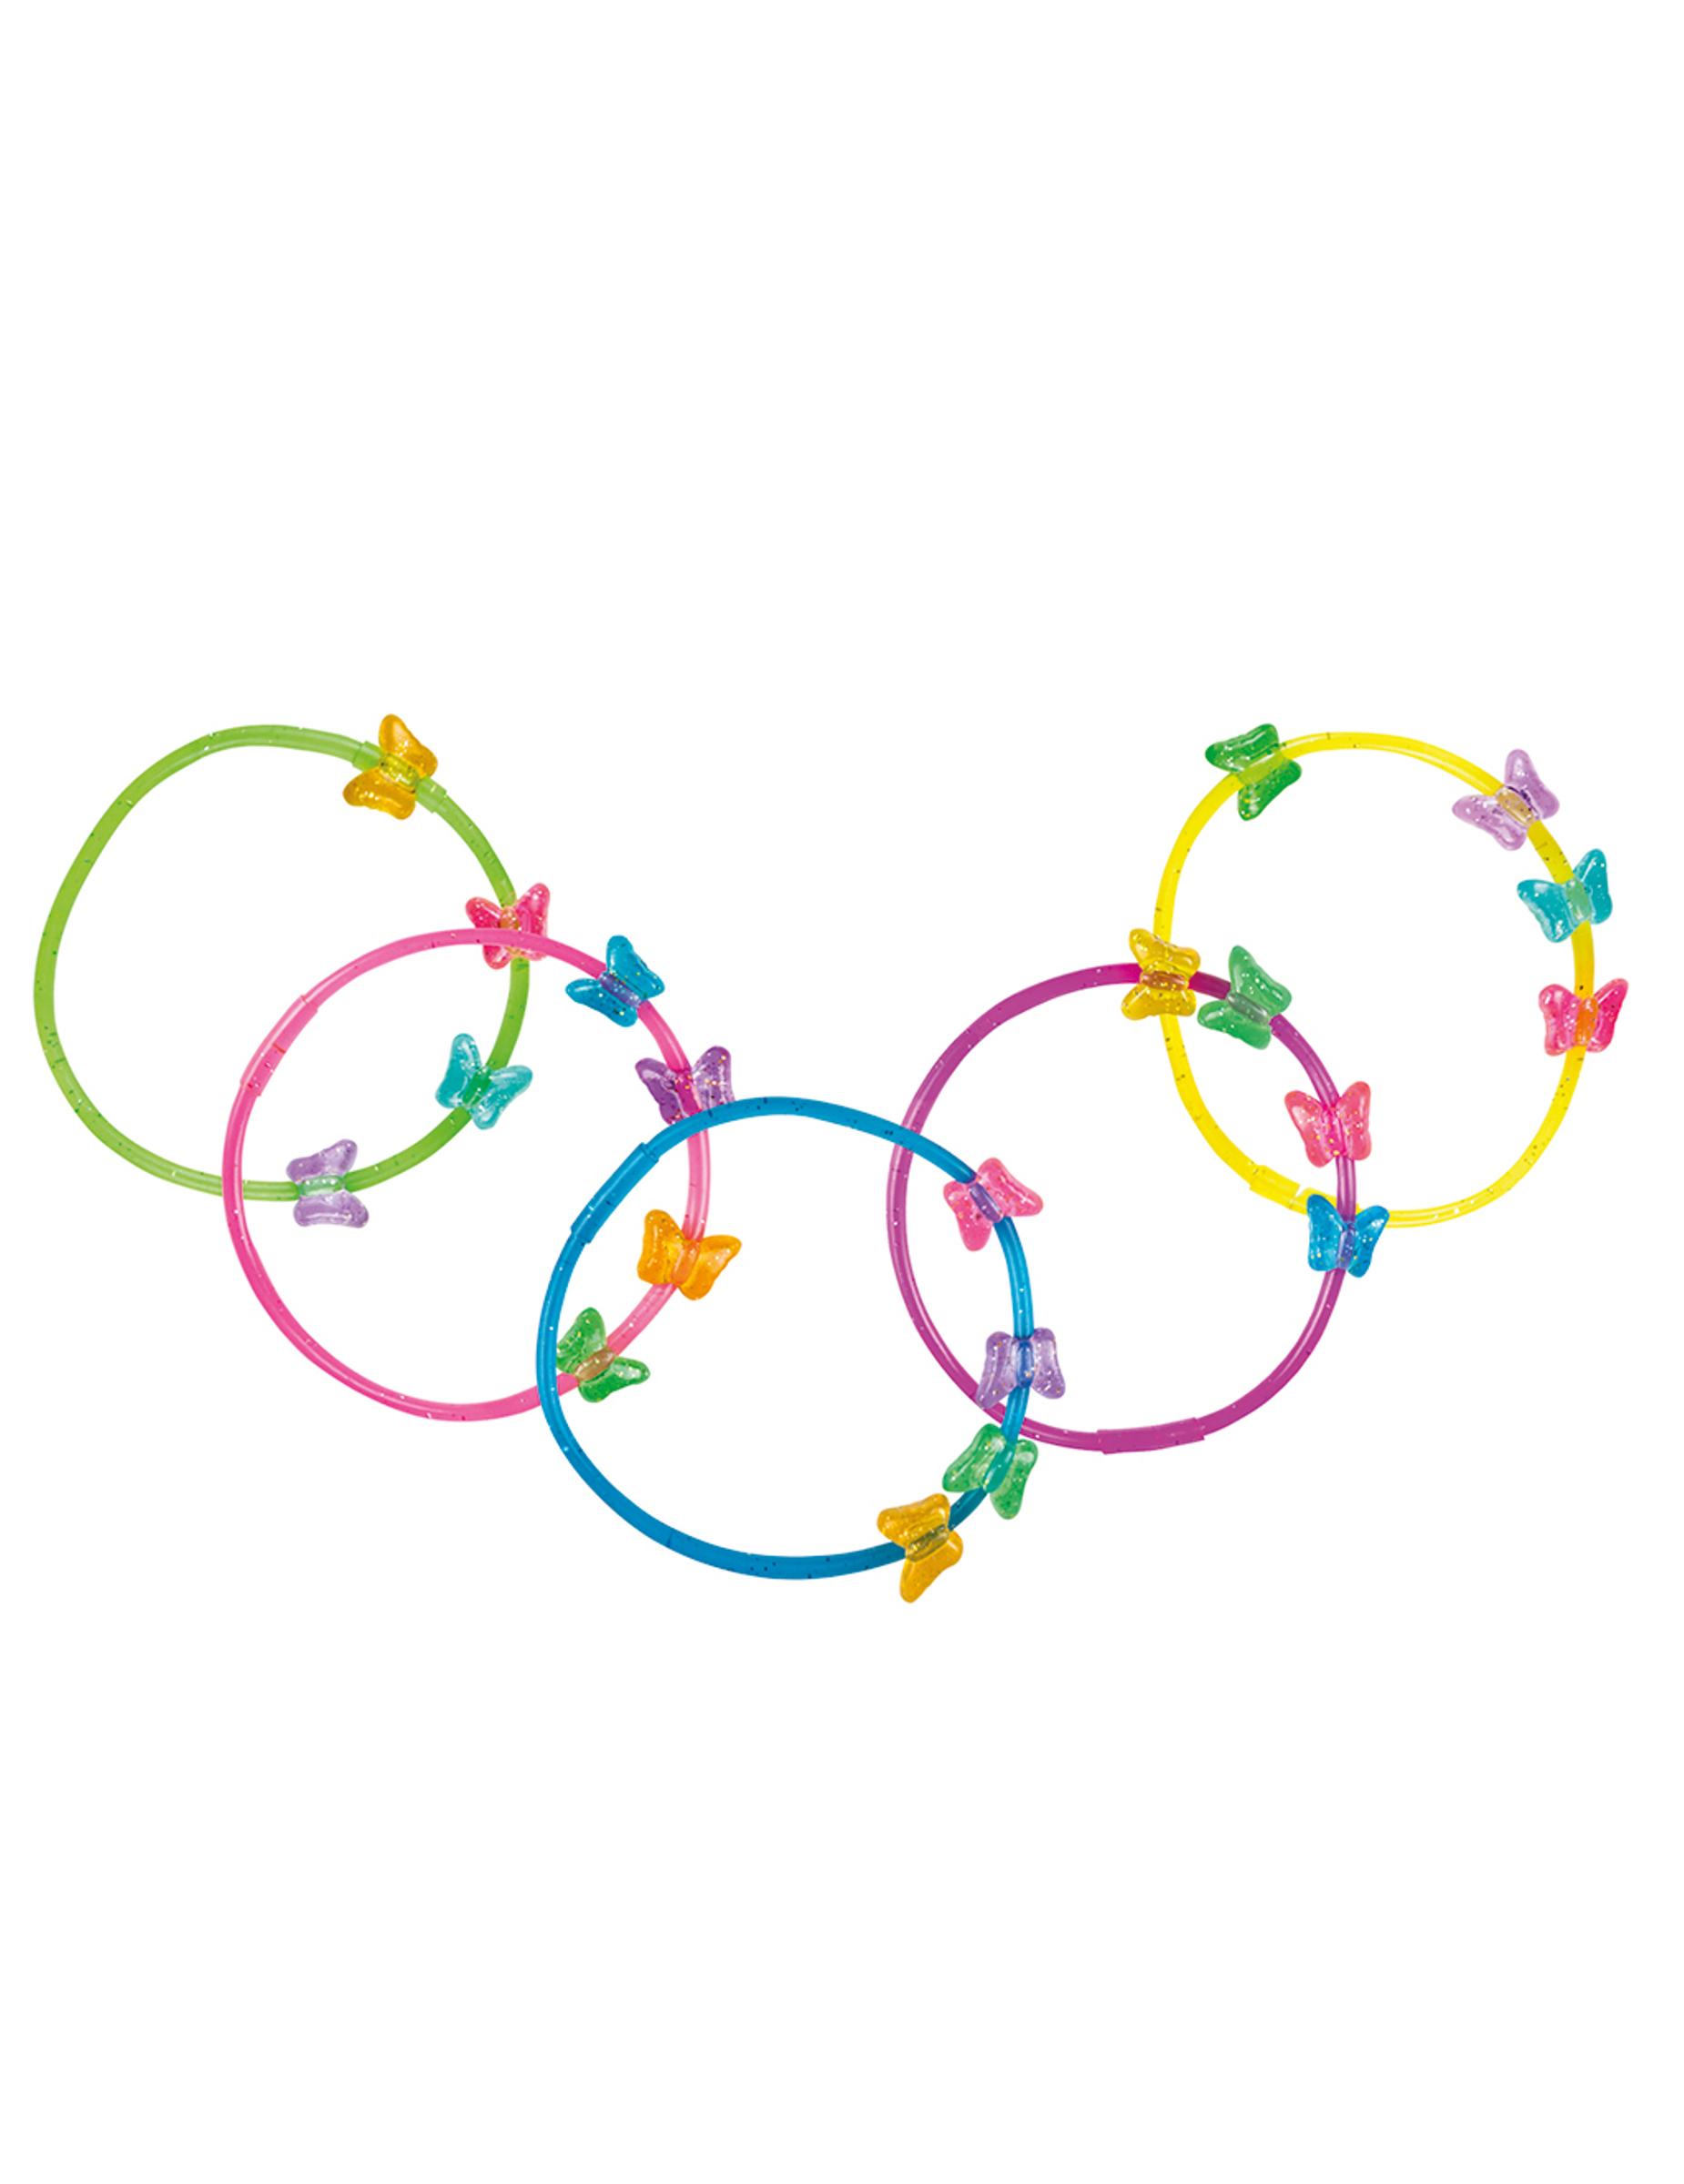 *Zauberhafte Schmetterlings-Armbänder 5 Stück bunt*